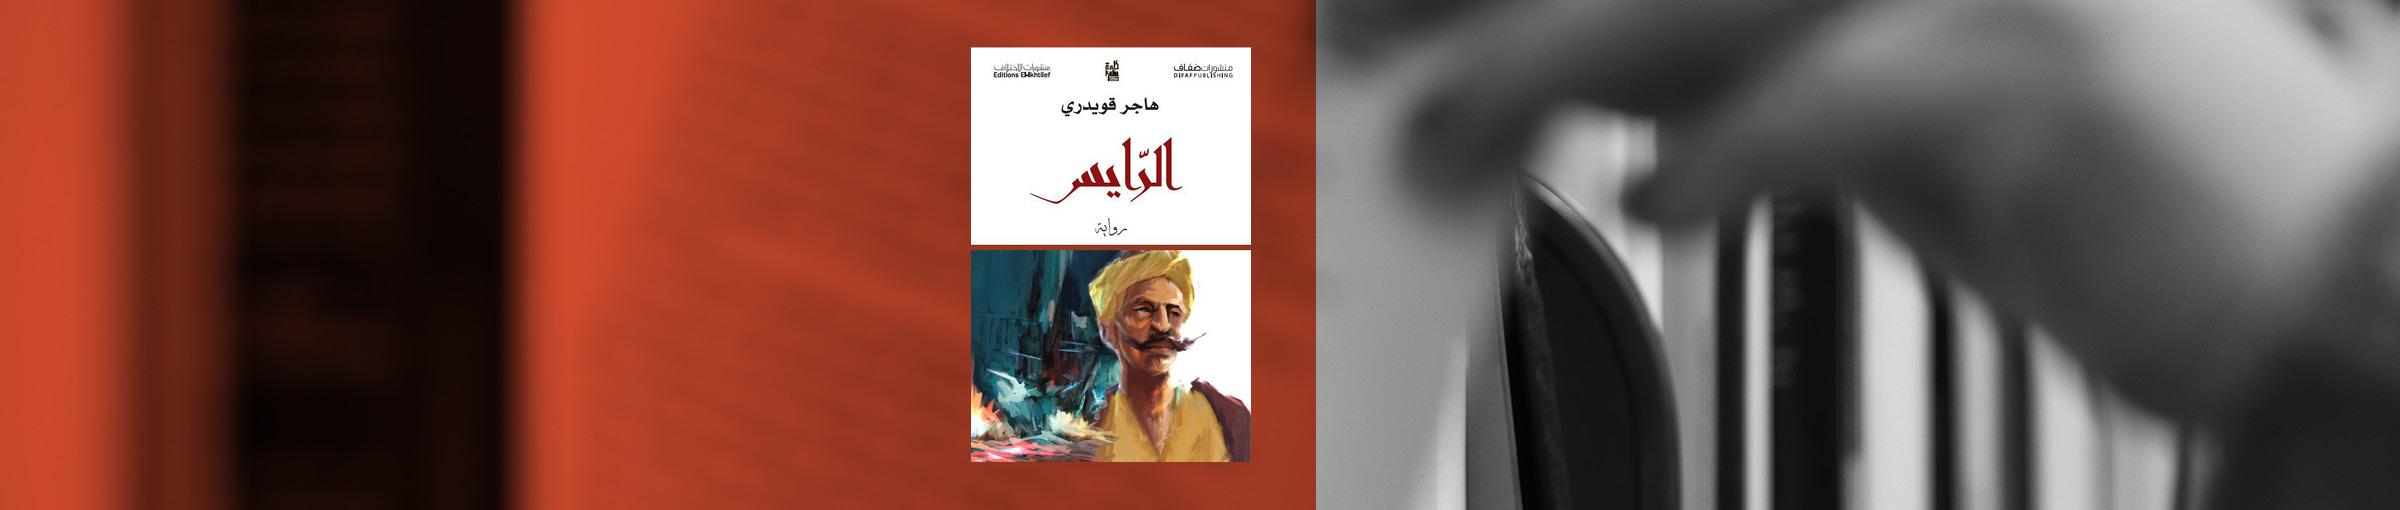 """رواية """"الرايس"""": تخيّلوا الجزائر في زمن العثمانيين"""